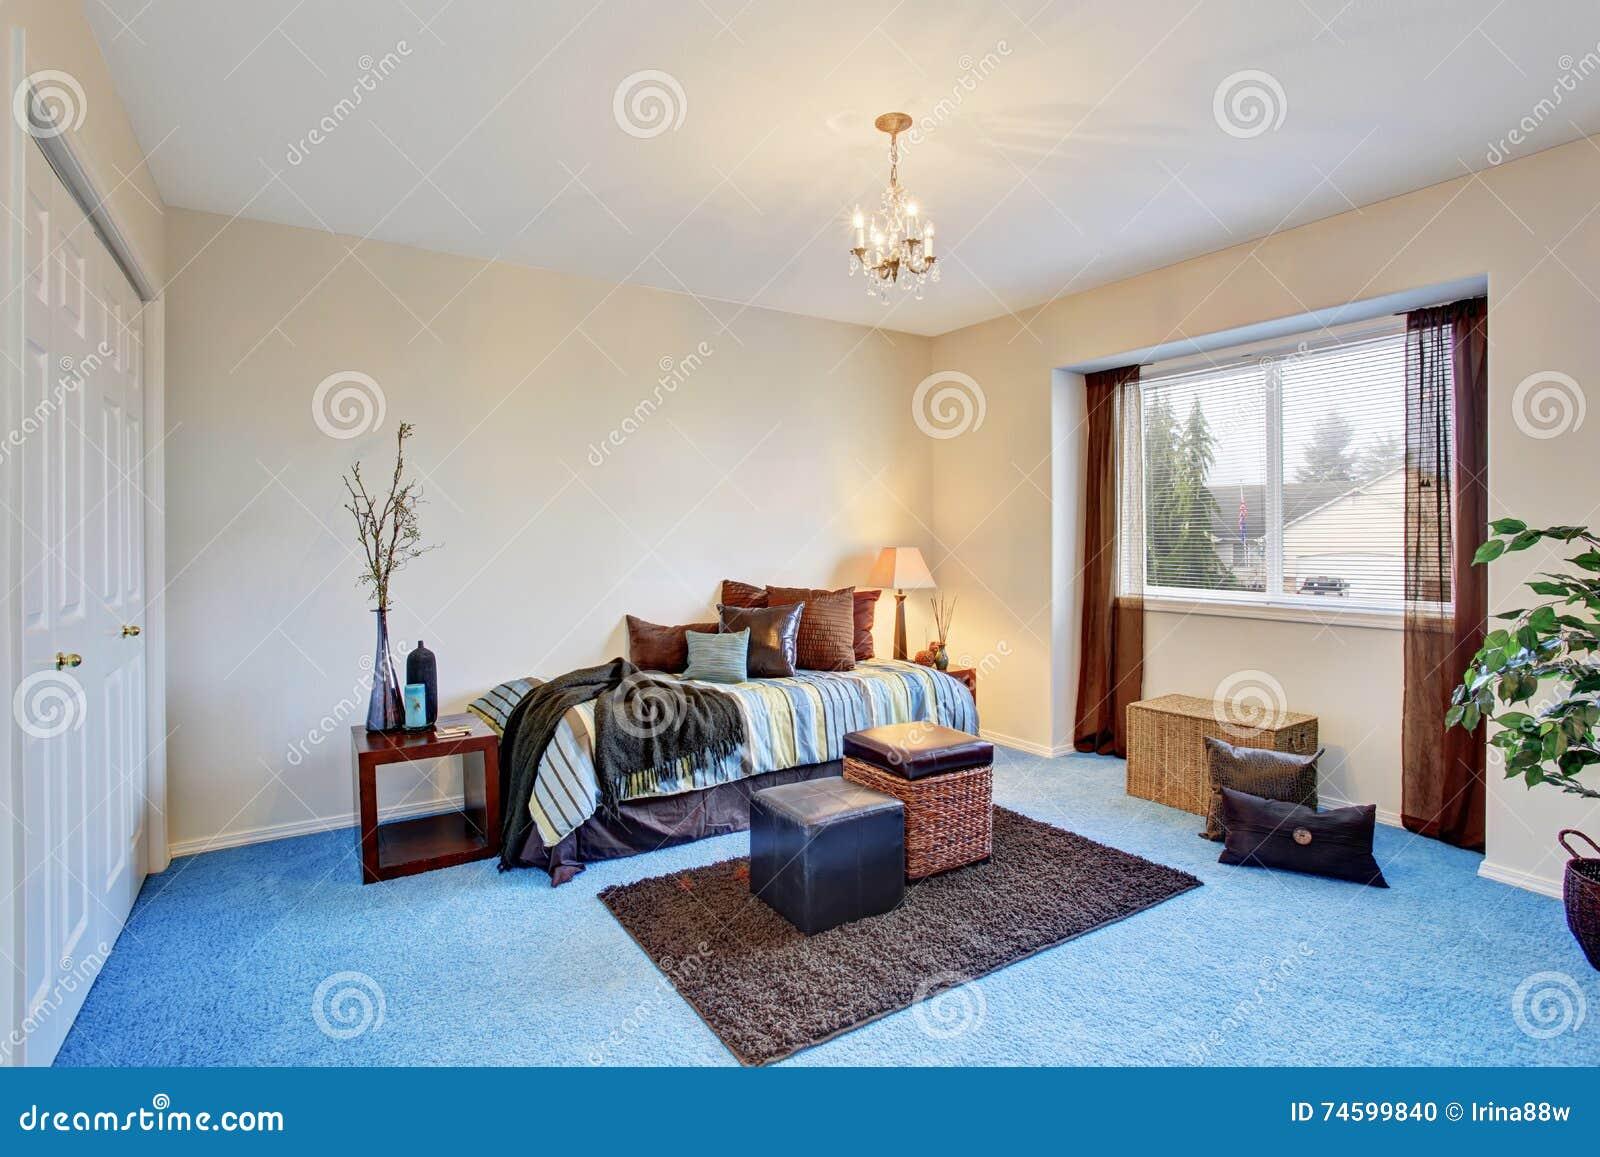 Modernes schlafzimmer mit blauem teppichboden stockfoto bild von nightstand entwerfer 74599840 - Schlafzimmer mit teppichboden ...